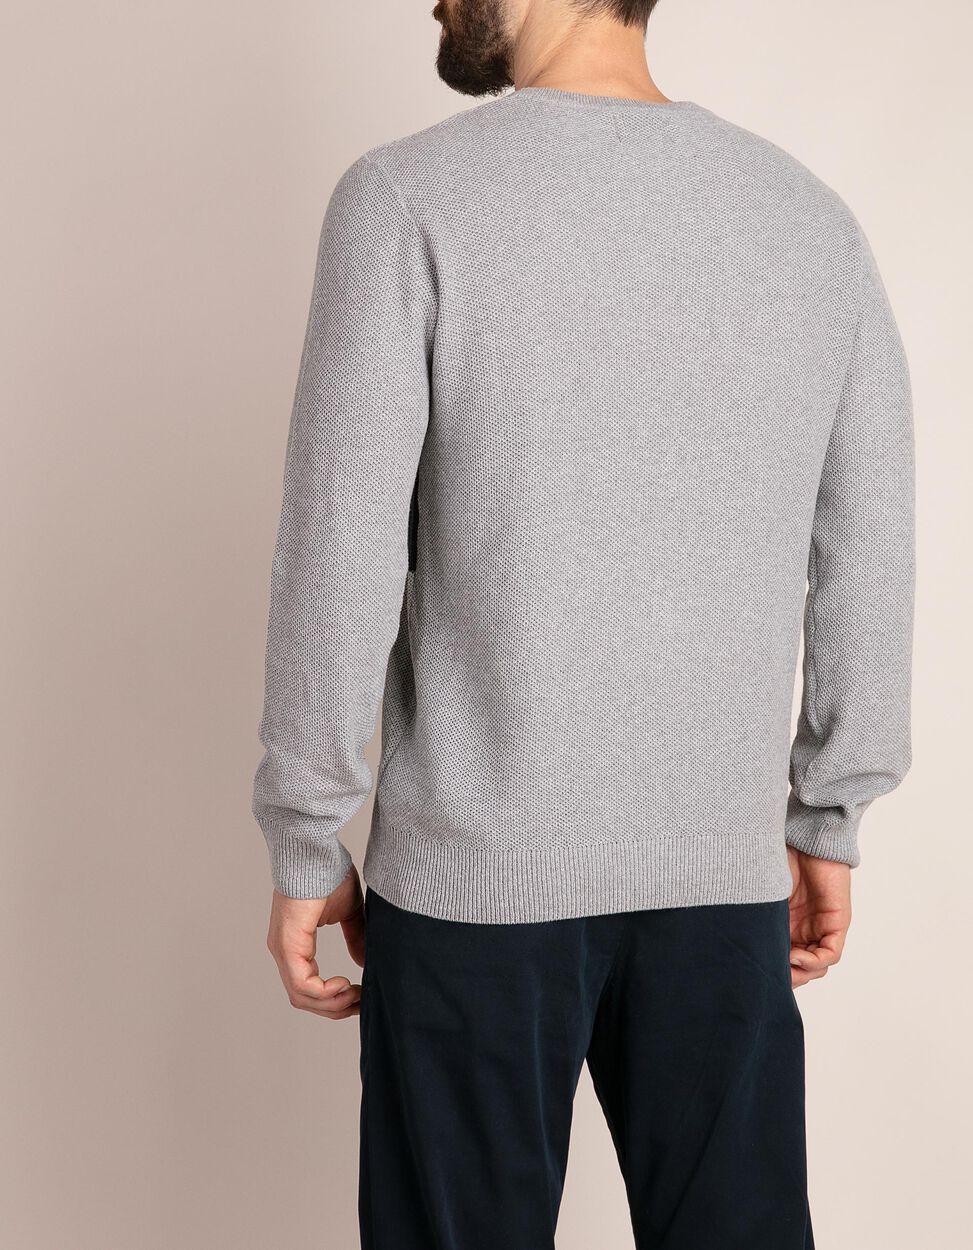 Camisola de malha tricotada em algodão reciclado